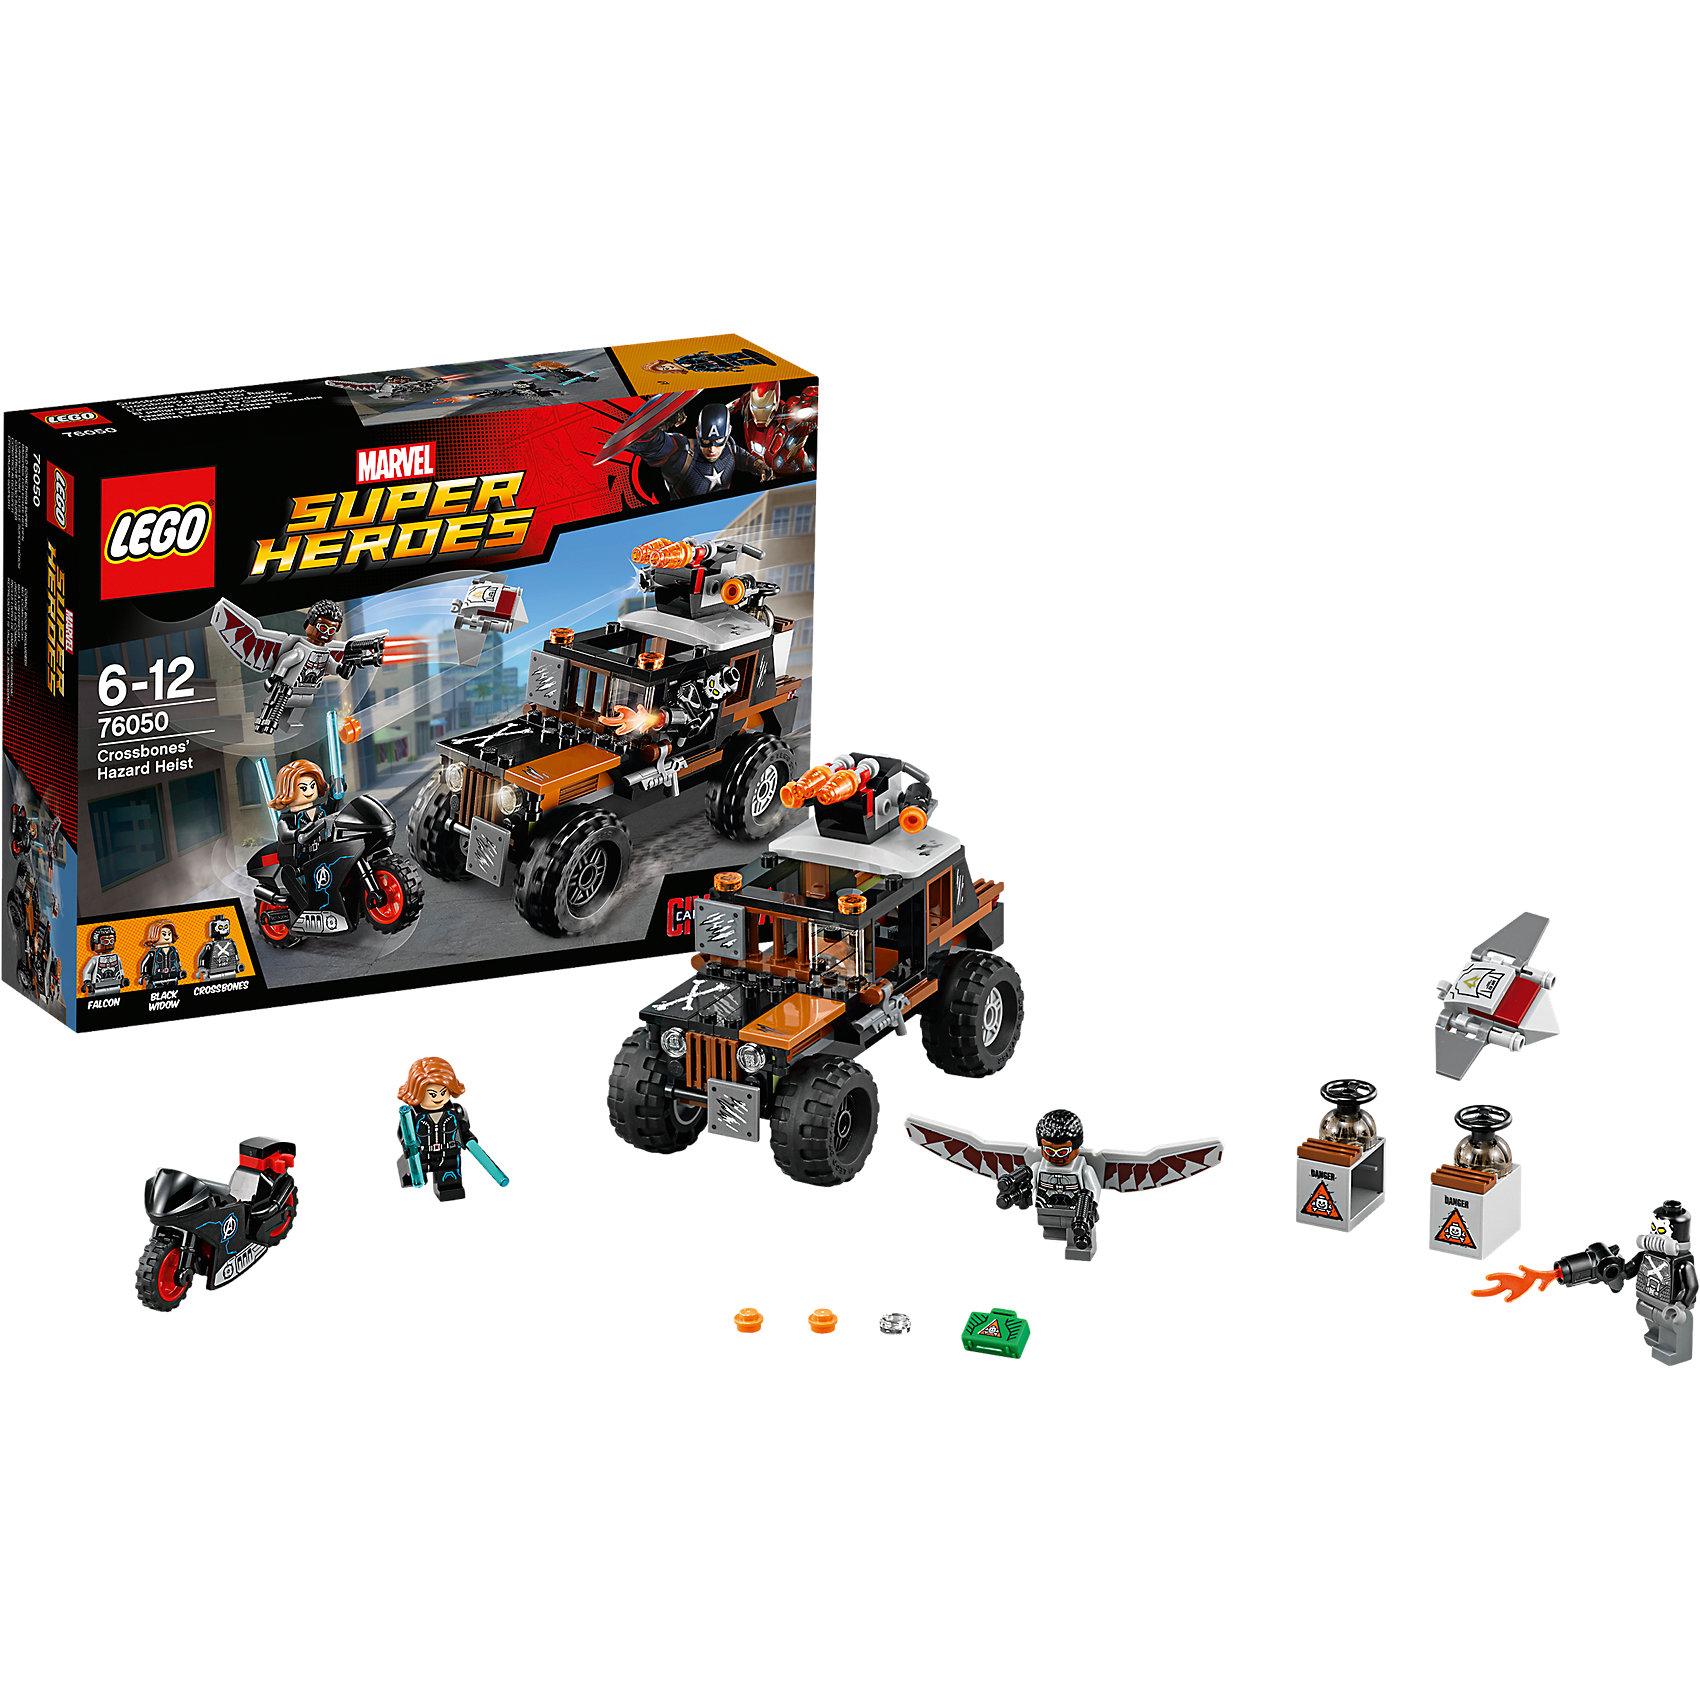 LEGO Super Heroes 76050: Опасное ограблениеПластмассовые конструкторы<br>Злодей Кроссбоунс украл опасное ядовитое вещество и спрятал его в контейнере грузовика. Объединись с Чёрной Вдовой и Фальконом, чтобы остановить его. Устрой погоню на байке Чёрной Вдовы, с помощью её жезла ты сможешь отражать удары пушки, установленной на грузовике. Вступи в сражение с Фальконом и отсоедини дрона Редвинга. Взорви контейнер, прикрепи сумку к дрону и верни его обратно в целости и сохранности!<br><br>LEGO Super Heroes (ЛЕГО Супер Герои) - серия конструкторов созданная специально по мотивам всеми известных комиксов. Спасай мир и борись со злом вместе с любимыми супергероями! Наборы серии можно комбинировать между собой, давая безграничные просторы для фантазии и придумывая свои новые истории. <br><br>Дополнительная информация:<br><br>- Конструкторы ЛЕГО развивают усидчивость, внимание, фантазию и мелкую моторику. <br>- 3 минифигурки в комплекте: Черная Вдова, Фалькон, Кроссбоунс.<br>- В комплекте 3 минифигурки, аксессуары, байк, грузовик, пушка, контейнер, сумка.<br>- Колеса машины вращаются.<br>- Количество деталей: 179.<br>- Серия ЛЕГО Супер Герои (LEGO Super Heroes).<br>- Материал: пластик.<br>- Размер упаковки: 26х6х19 см.<br>- Вес: 0.345 кг.<br><br>Конструктор LEGO Super Heroes 76050: Опасное ограбление можно купить в нашем магазине.<br><br>Ширина мм: 265<br>Глубина мм: 192<br>Высота мм: 66<br>Вес г: 326<br>Возраст от месяцев: 72<br>Возраст до месяцев: 144<br>Пол: Мужской<br>Возраст: Детский<br>SKU: 4259160